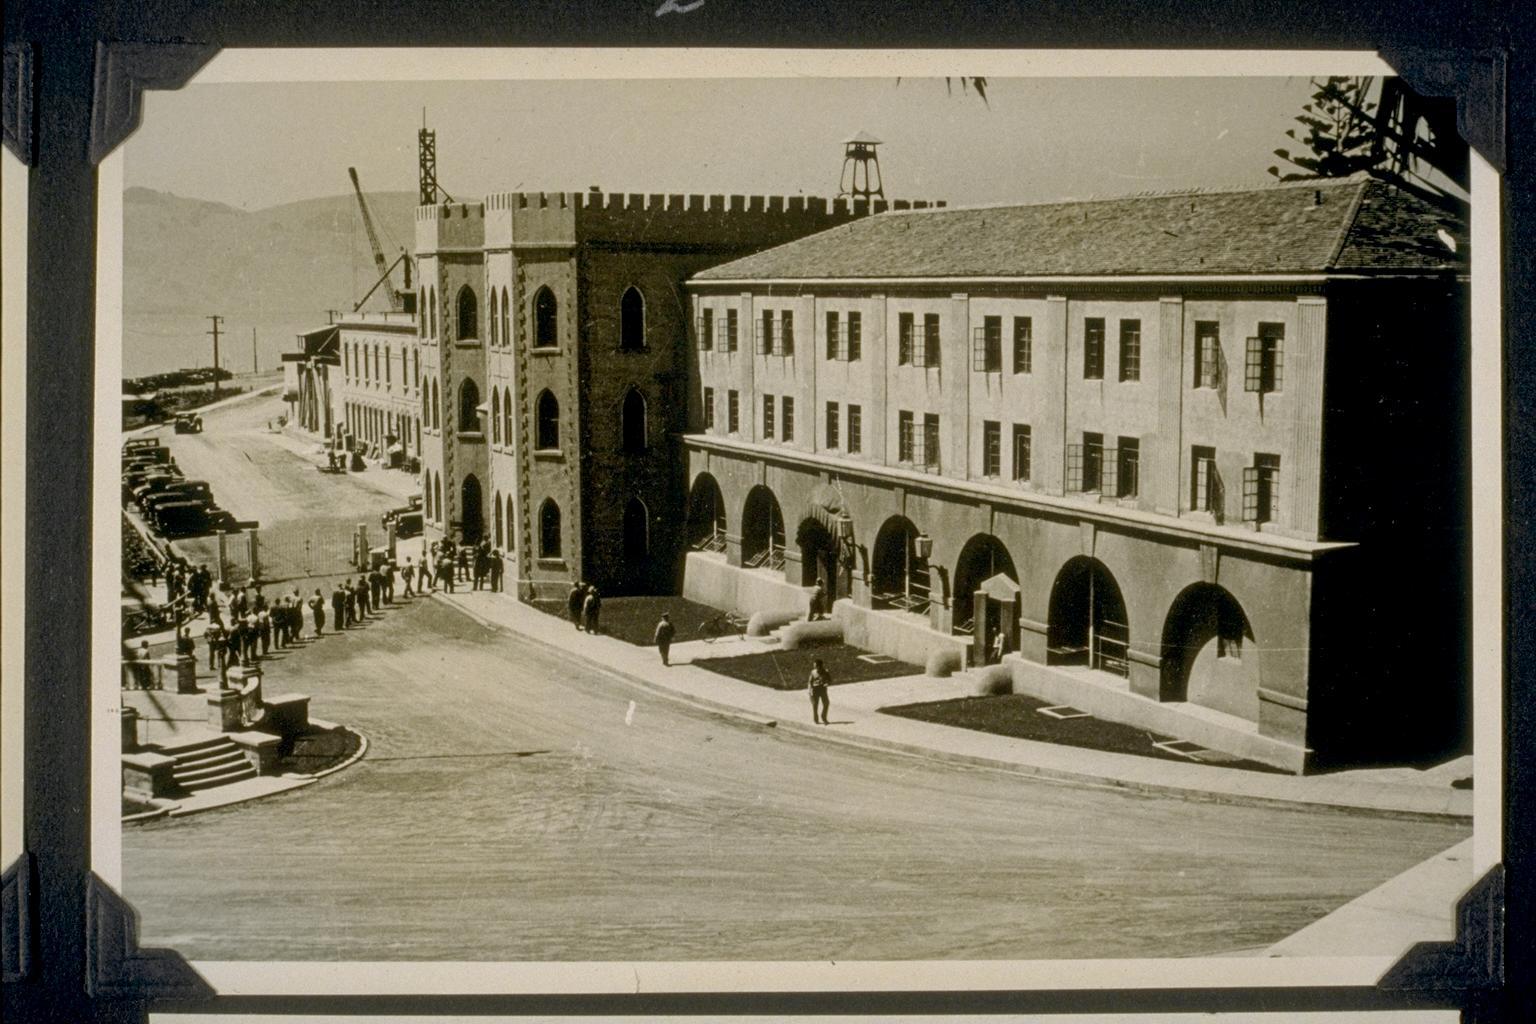 San Quentin Prison - historic